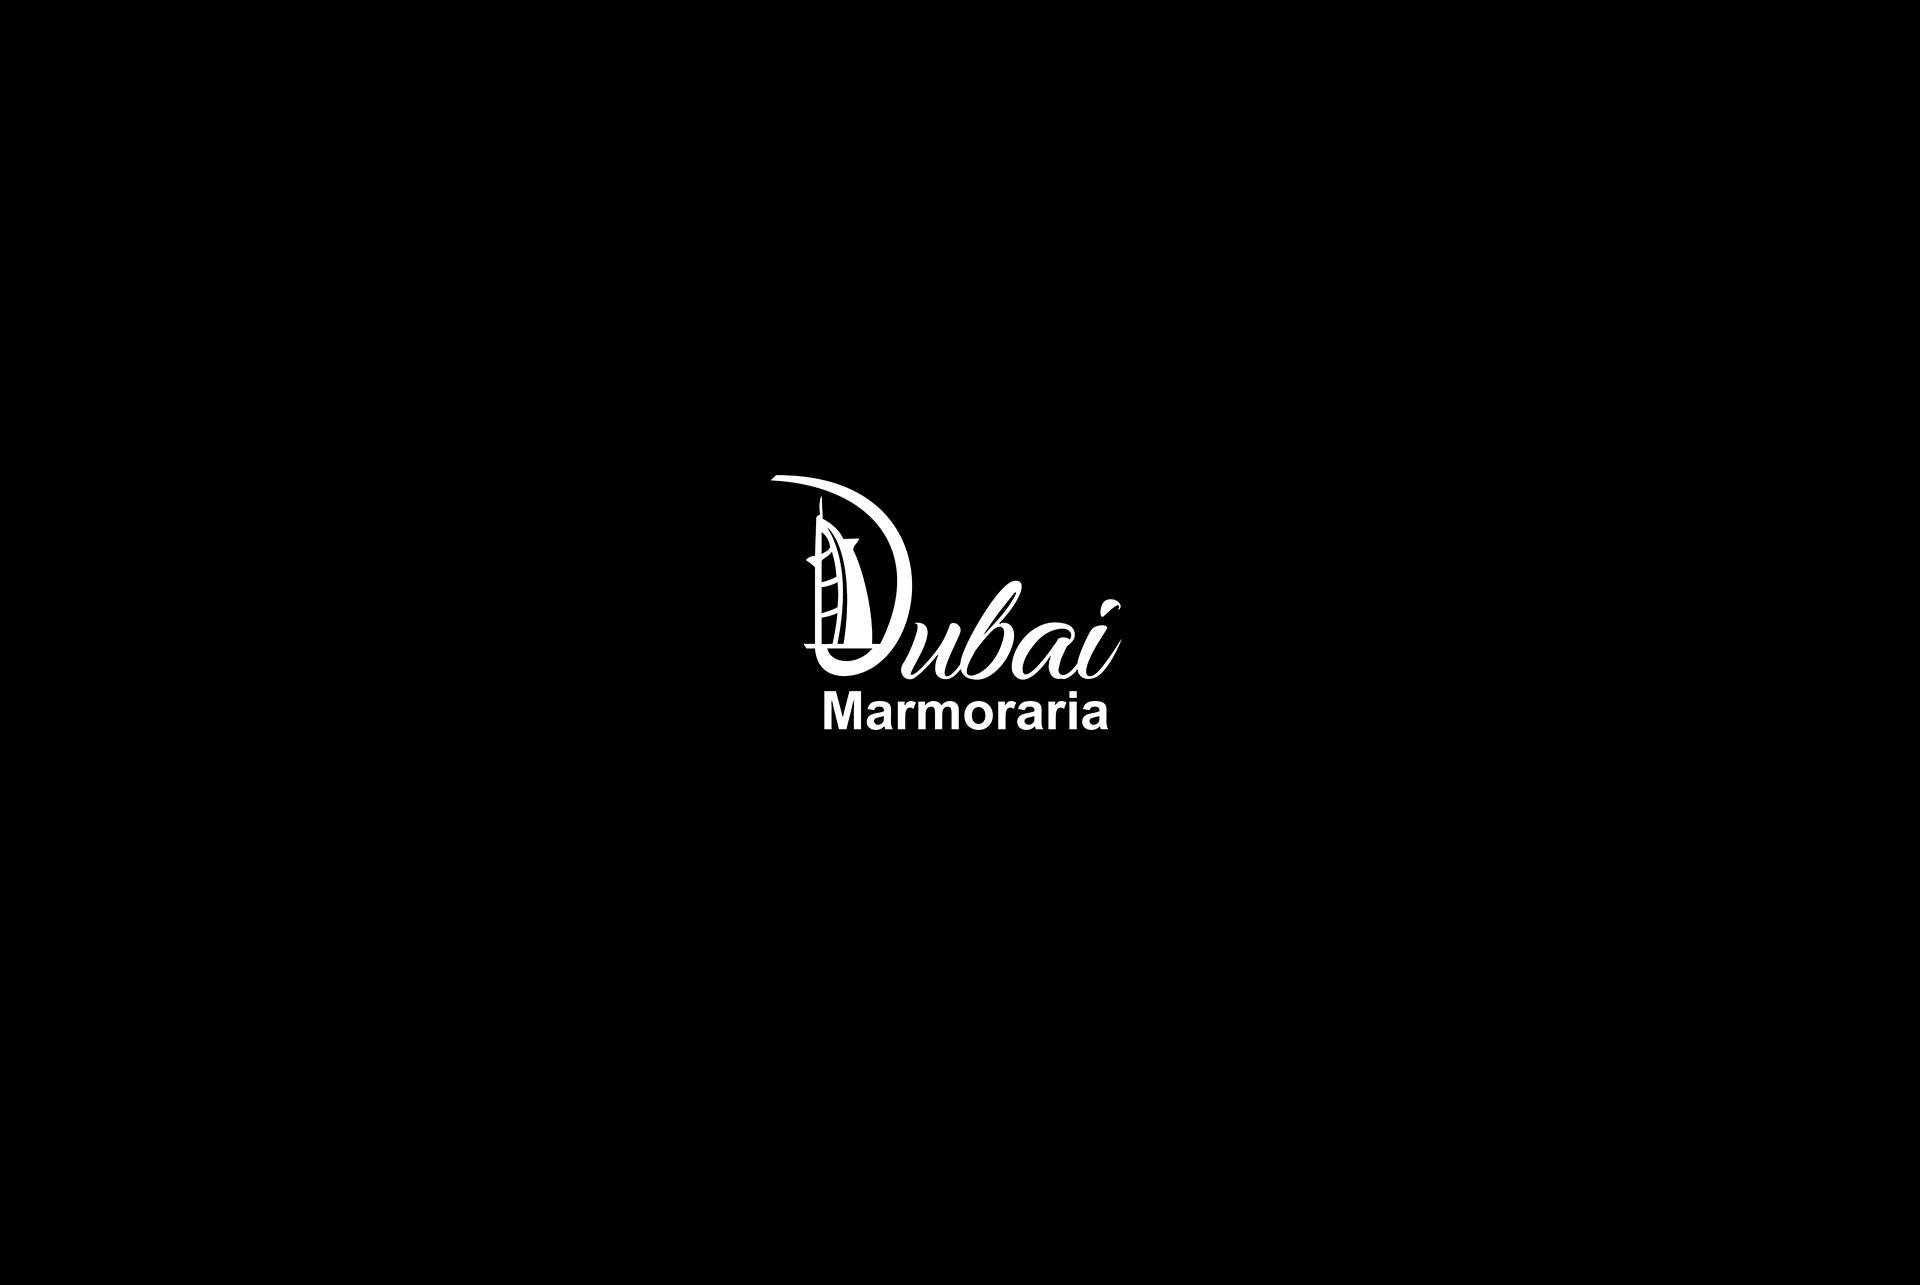 Dubai Marmoraria